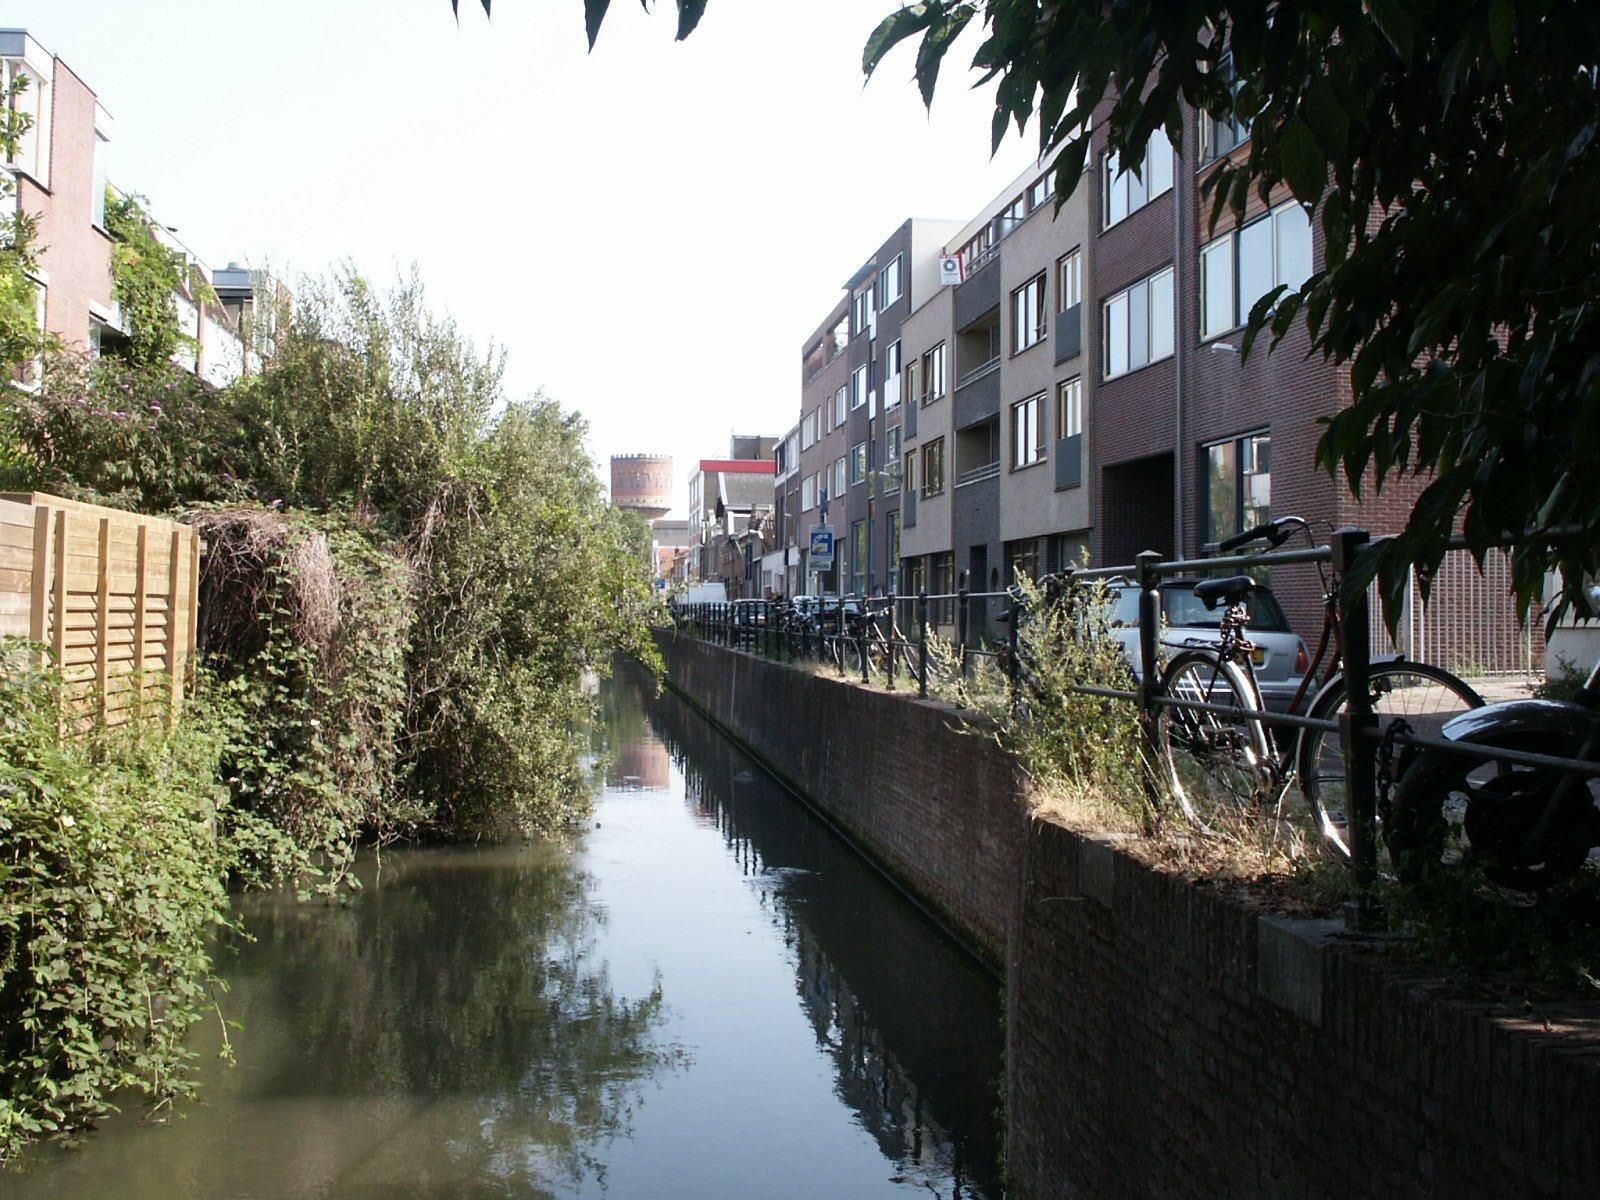 Gruttersdijk 34